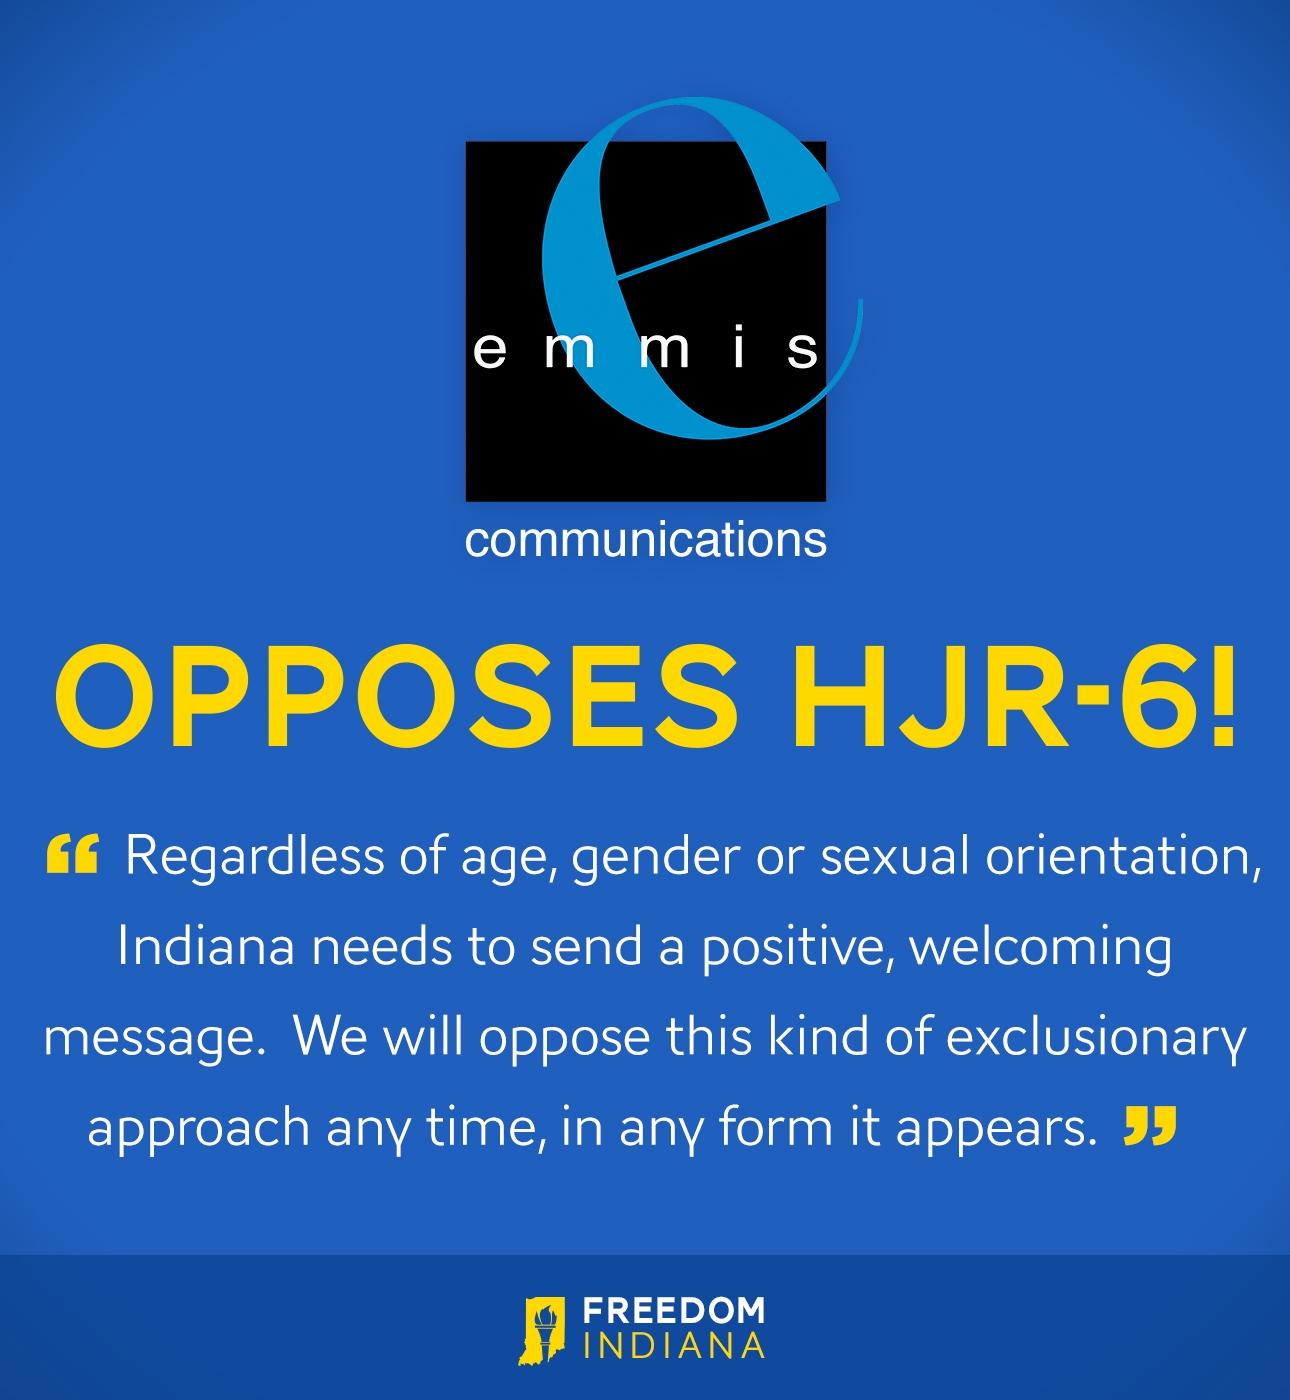 HJR-6 Emmis